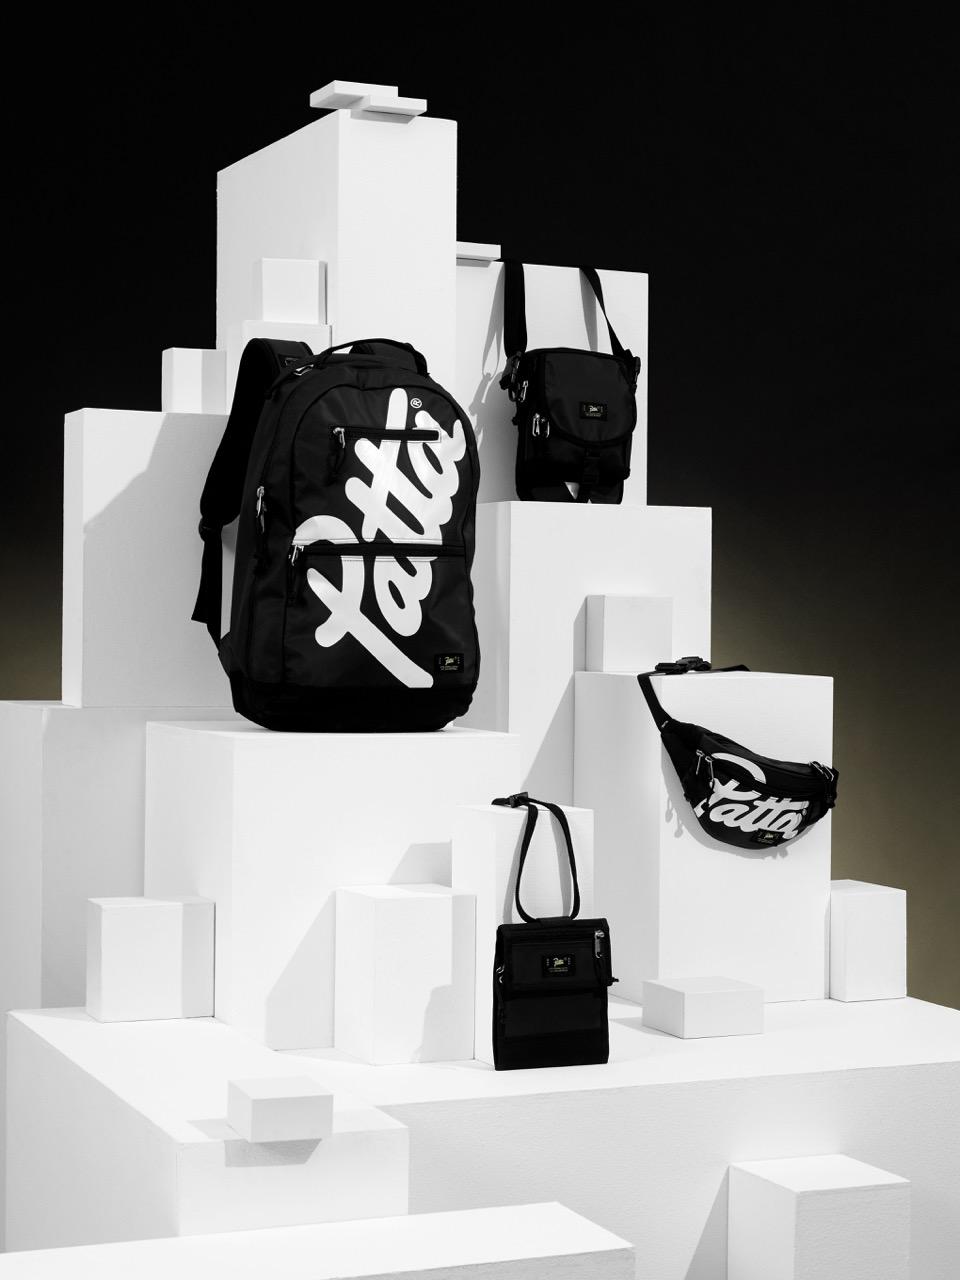 Patta lança linha de mochila e bolsas